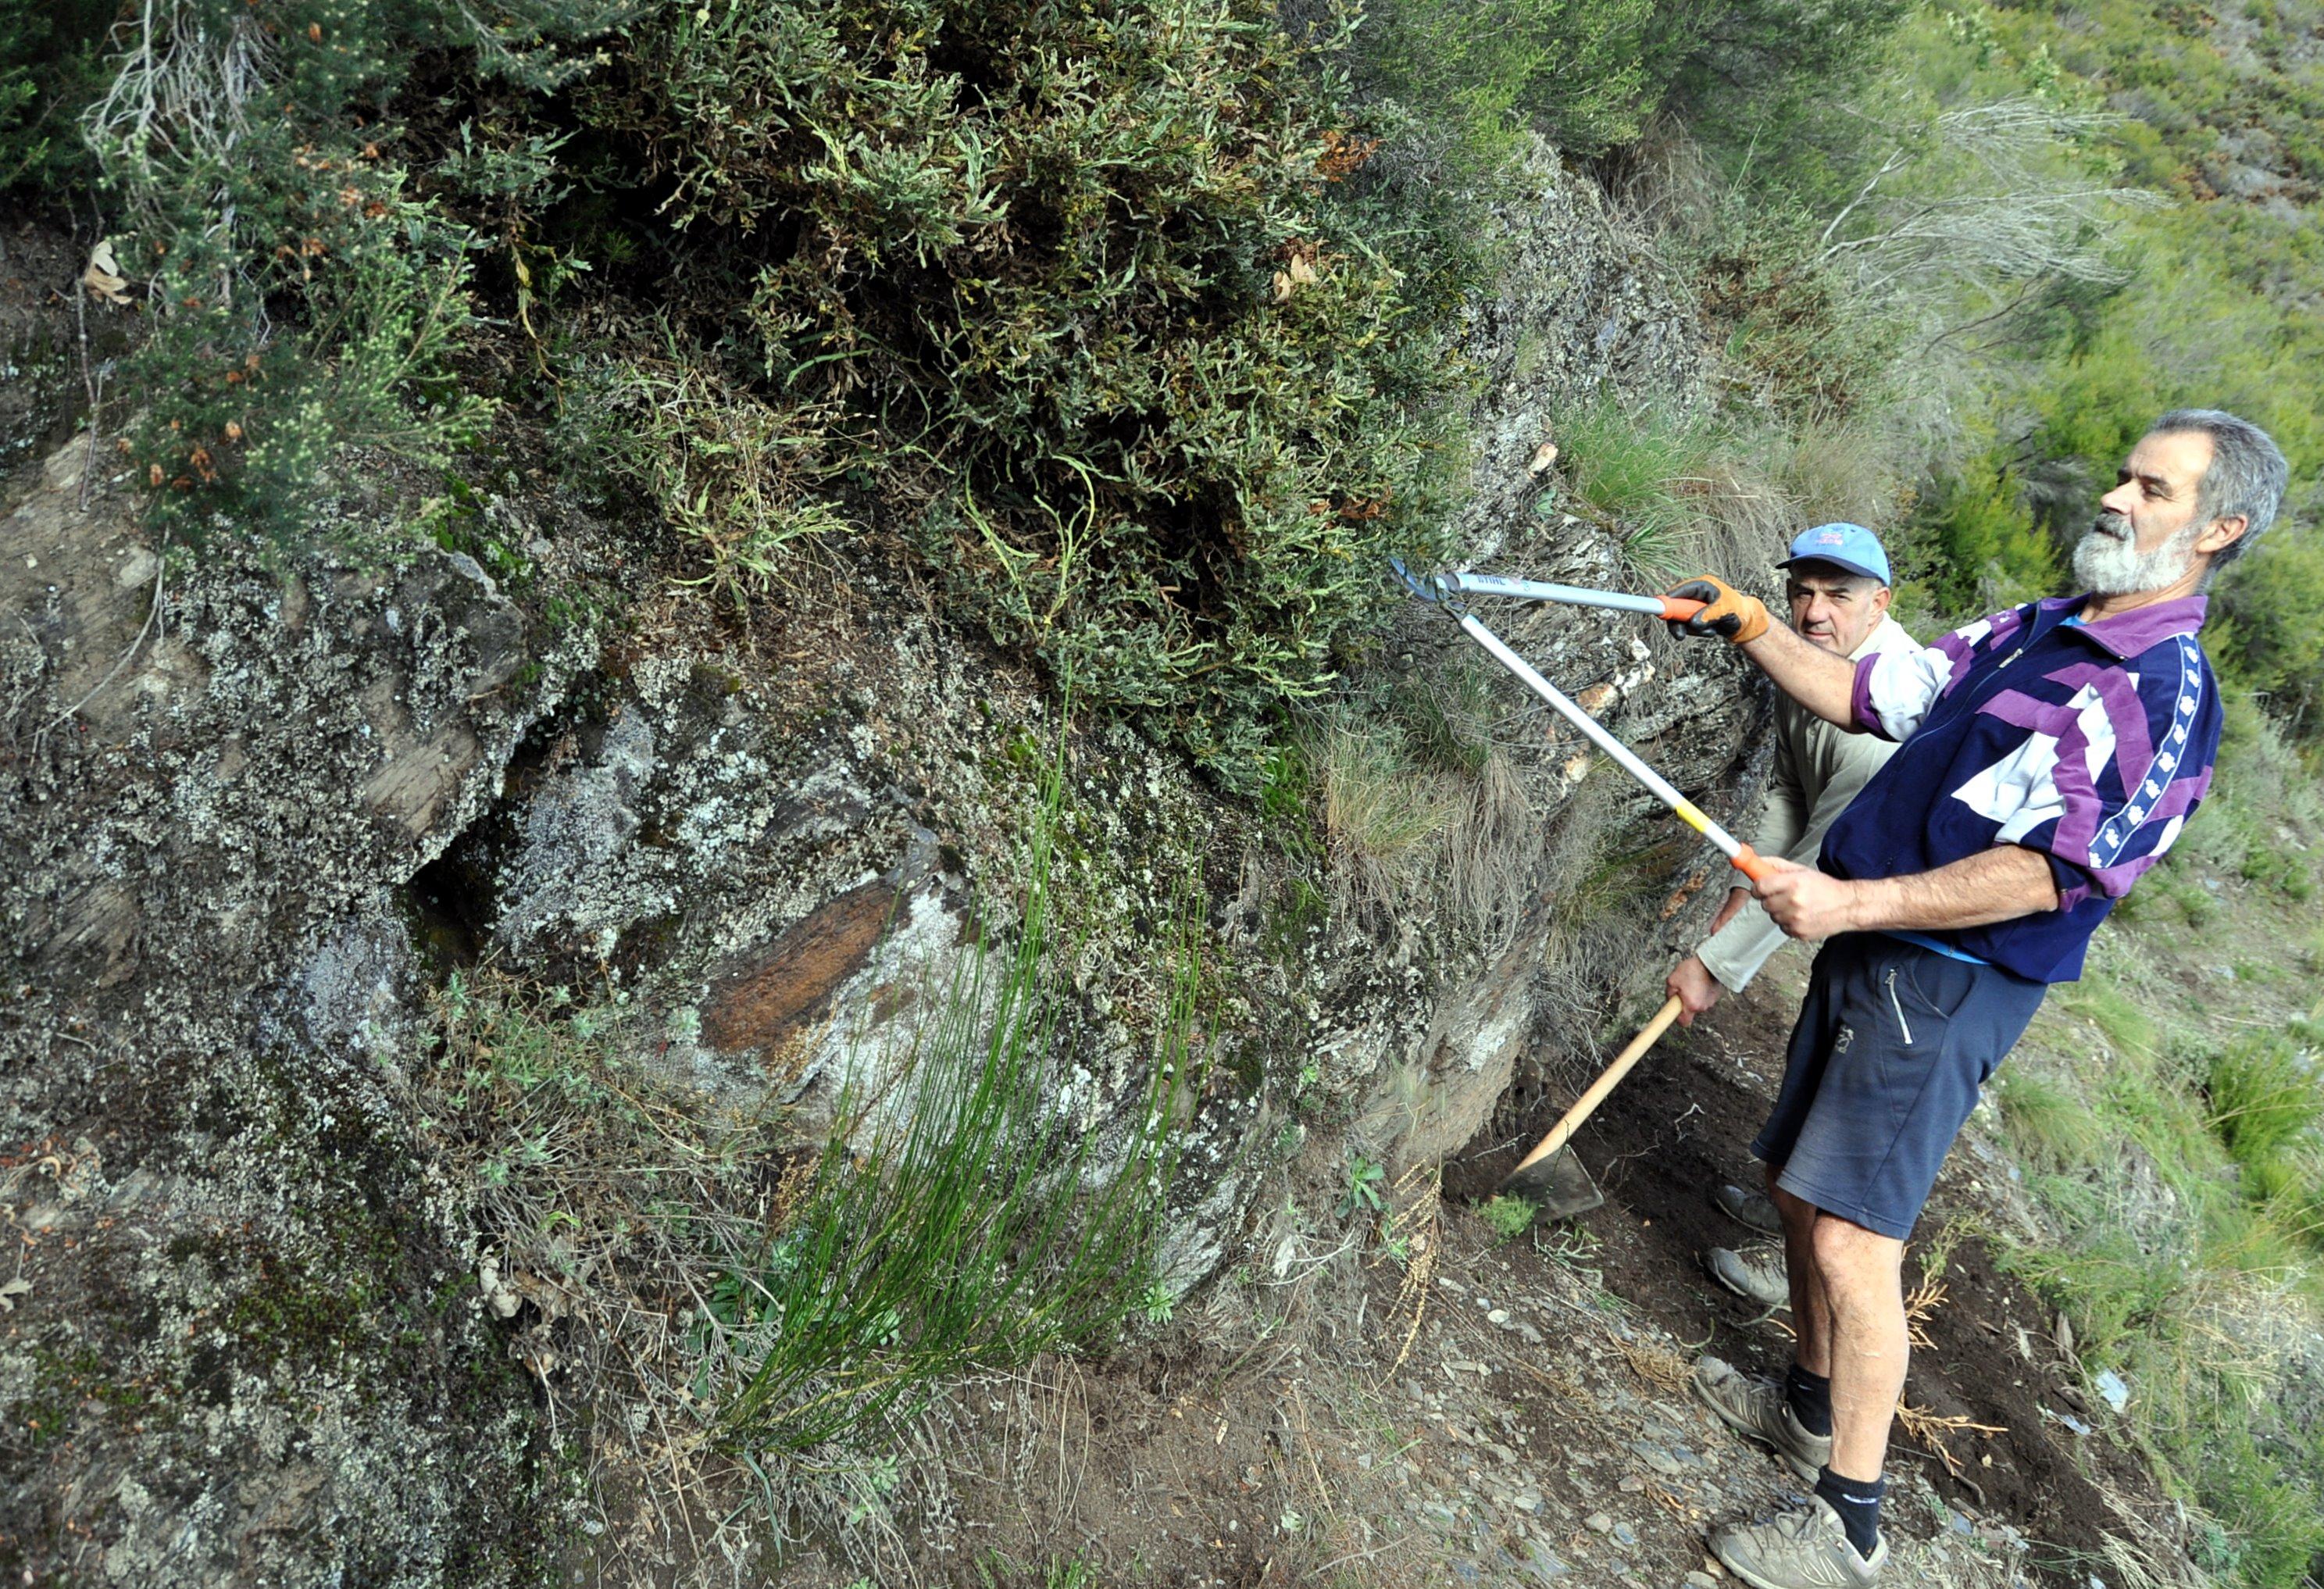 Descubriendo la roca de un tramo de canal.